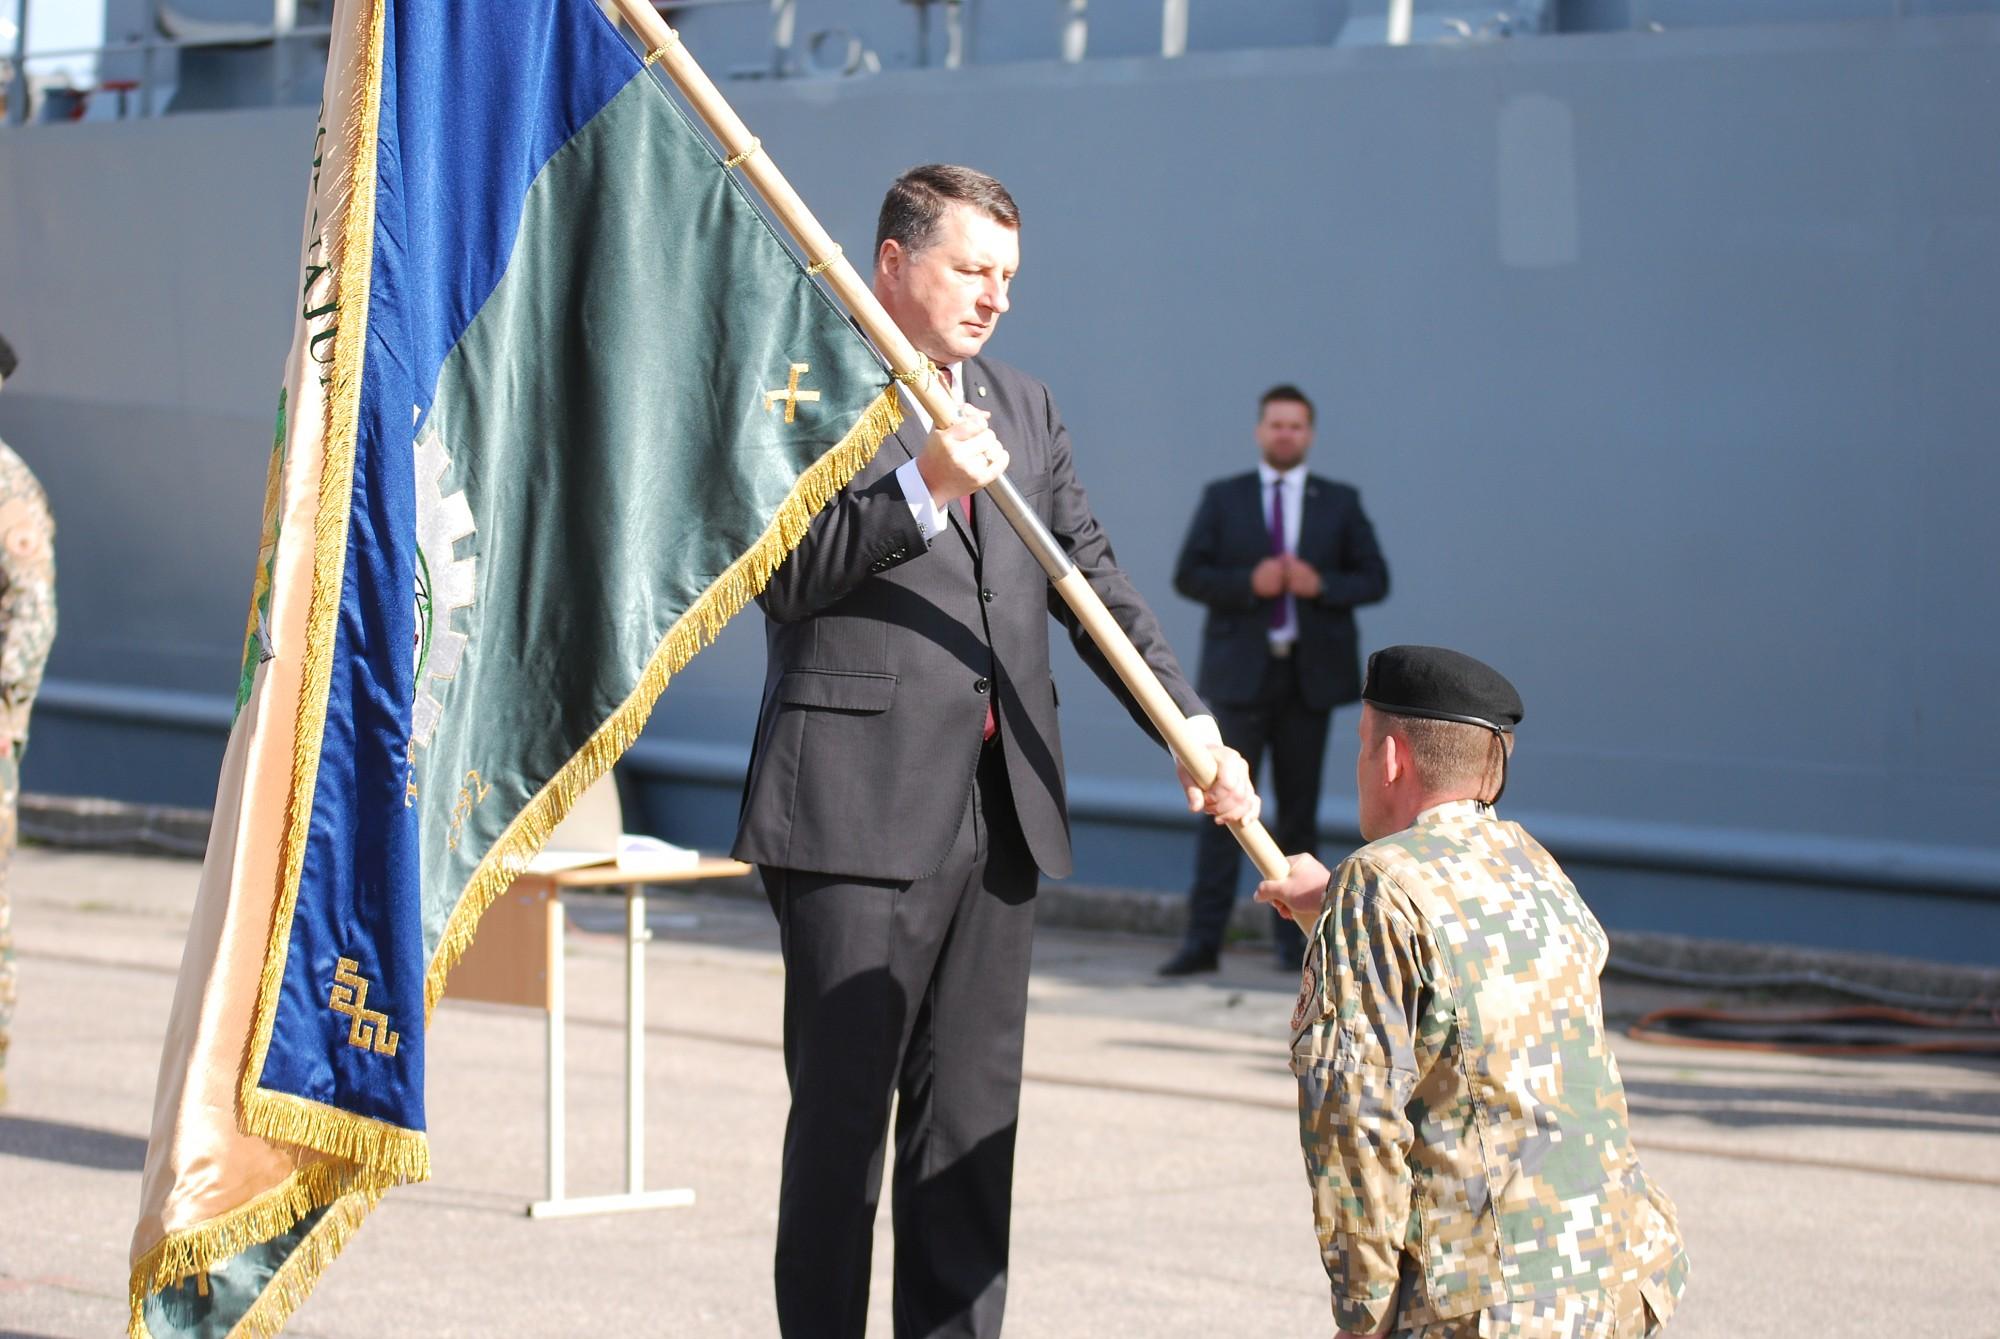 1.Reģionālā nodrošinājuma centrs tiek pie karoga, pirmo naglu iedzen prezidents